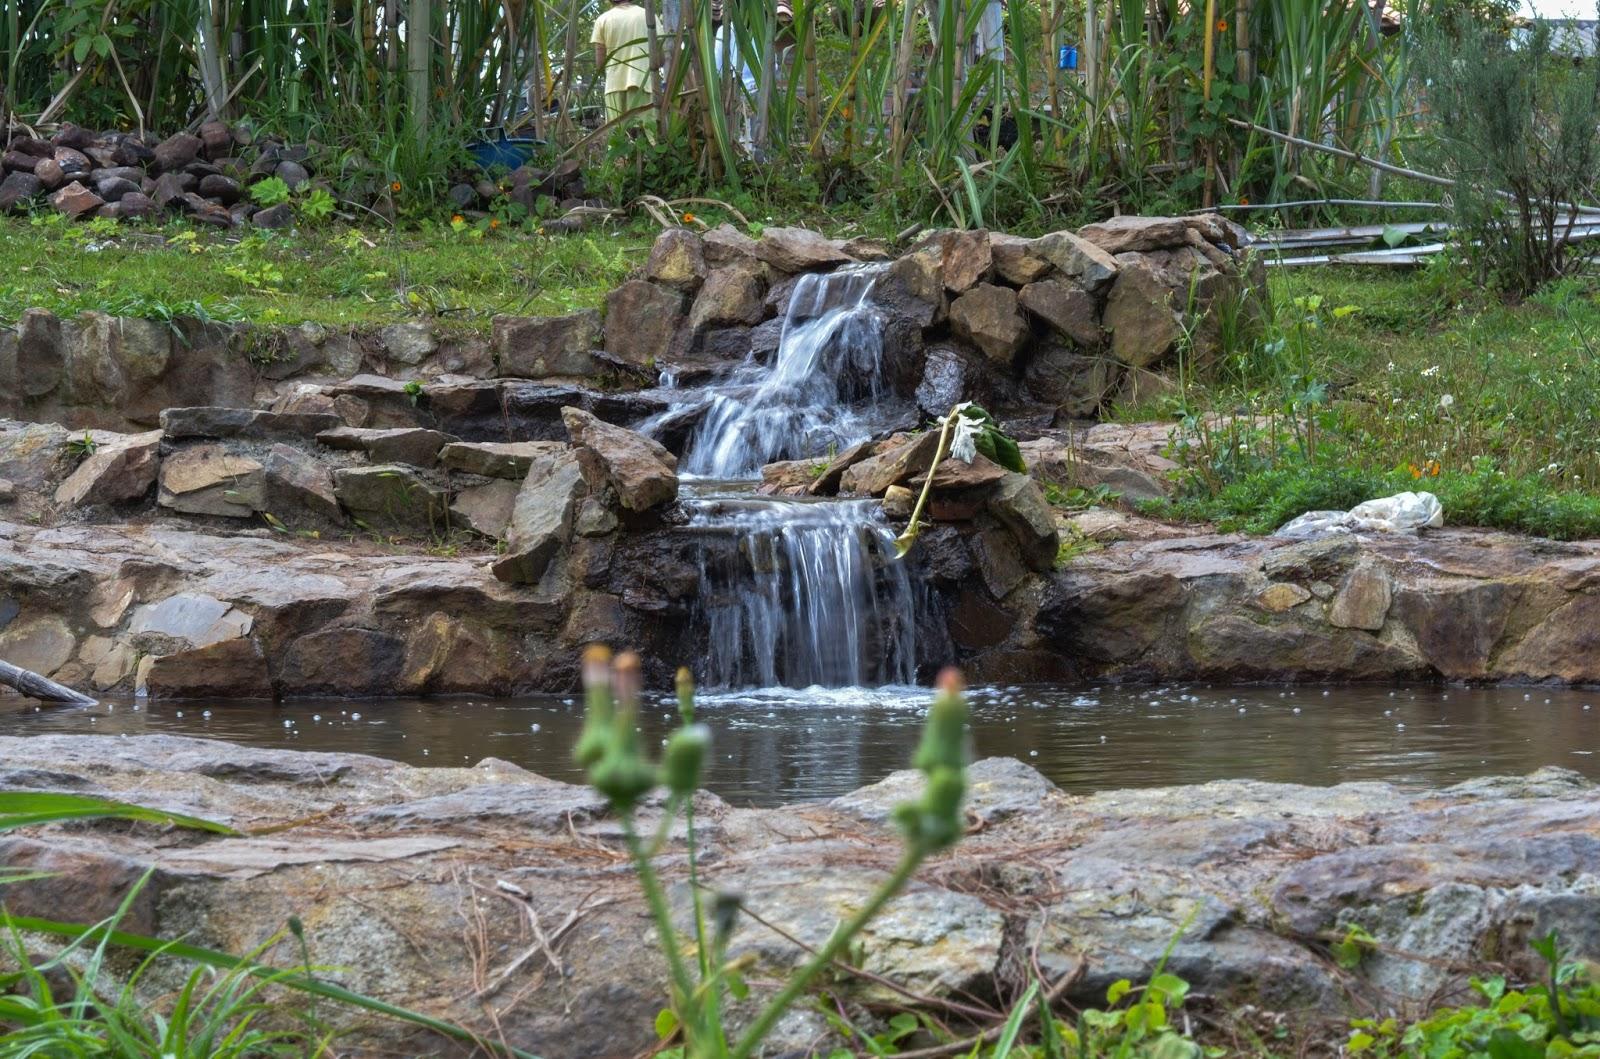 naturaleza, yoga, park,tranquilidad, om, conexión,relajación,compartir,ecología,puro,tierra